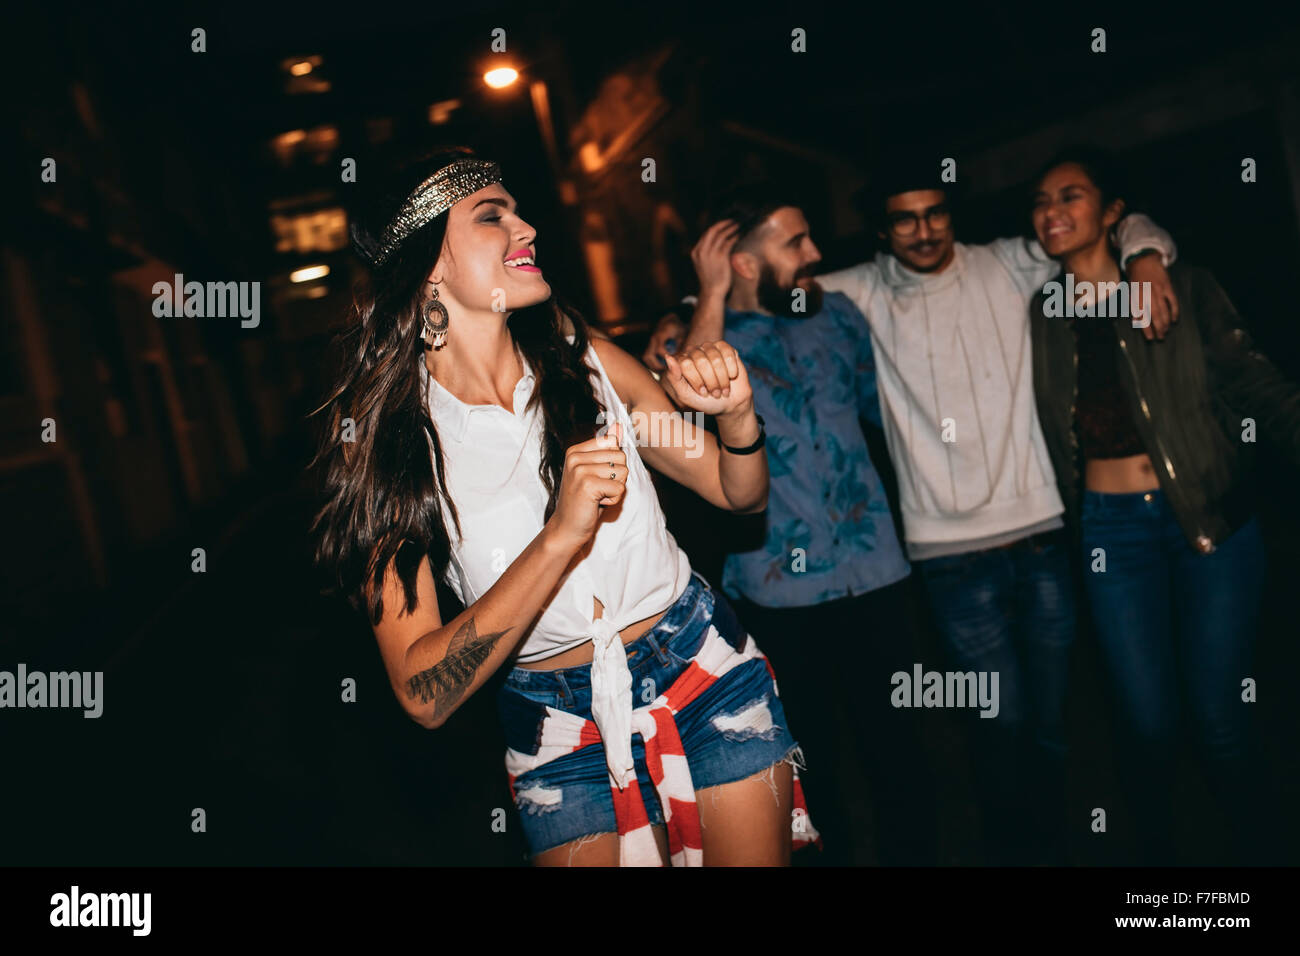 Retrato de mujer bastante joven bailando con sus amigos en el fondo. Las hembras jóvenes felices disfrutando Imagen De Stock